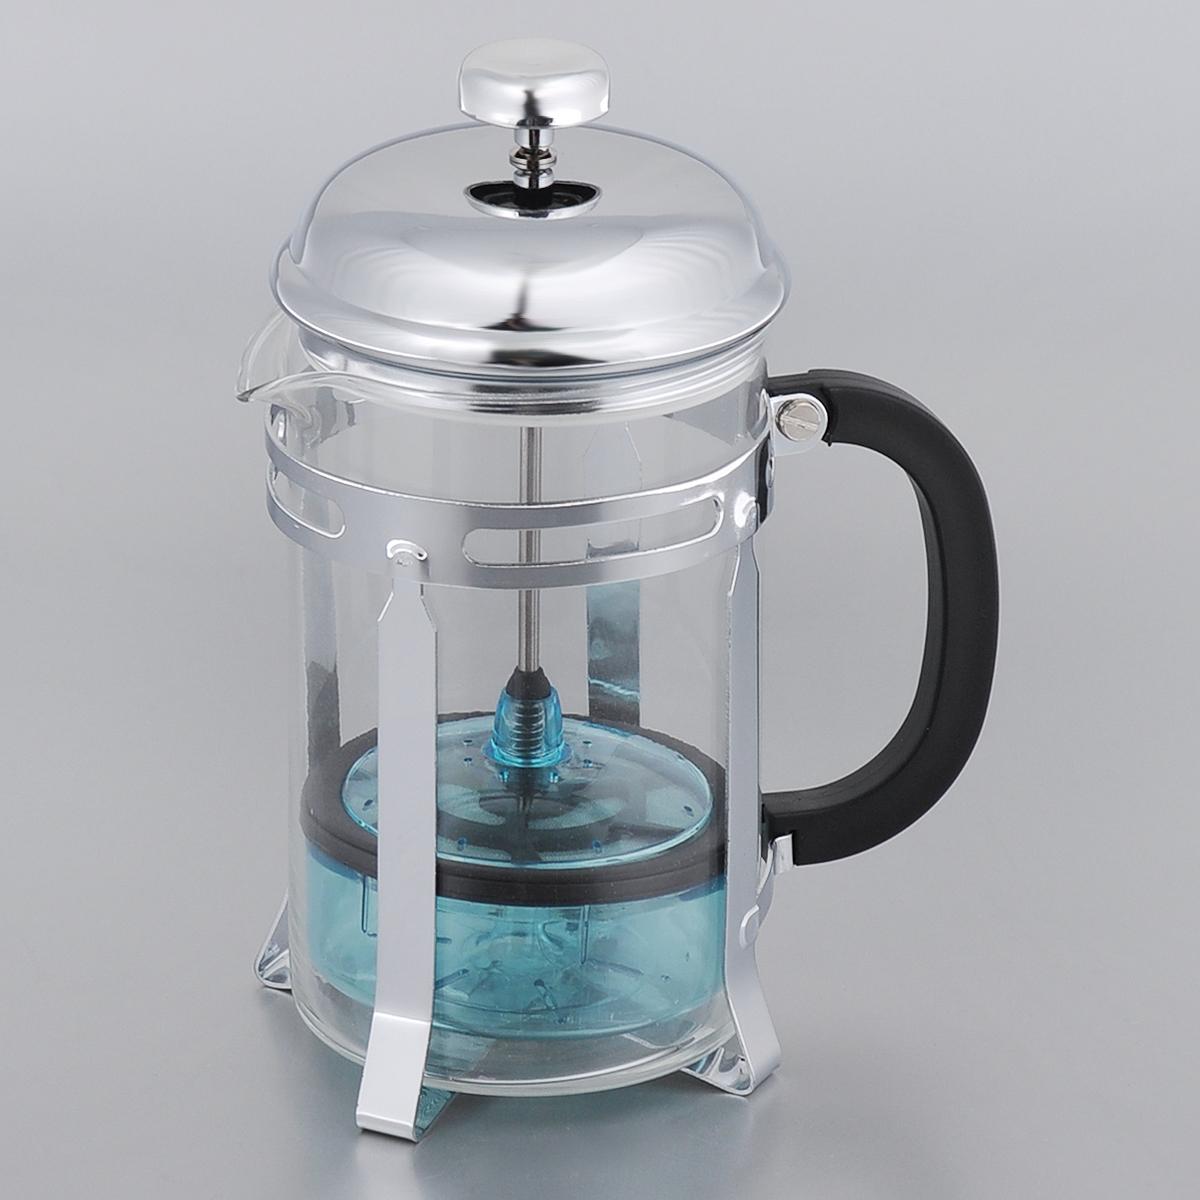 Френч-пресс Bekker, 850 мл. BK-355BK-355Френч-пресс Bekker представляет собой колбу из жаропрочного стекла в оправе из нержавеющей стали. Френч-пресс позволяет легко и просто приготовить отличный напиток. Крышка выполнена из нержавеющей стали. Благодаря такому френч-прессу приготовление вкуснейшего ароматного и крепкого кофе займет всего пару минут. Настоящим ценителям натурального кофе широко известны основные и наиболее часто применяемые способы его приготовления: эспрессо, по-турецки, гейзерный. Однако существует принципиально иной способ, известный как french press, благодаря которому приготовление ароматного напитка стало гораздо проще. Весь процесс приготовления кофе займет не более 7 минут.Можно мыть в посудомоечной машине.